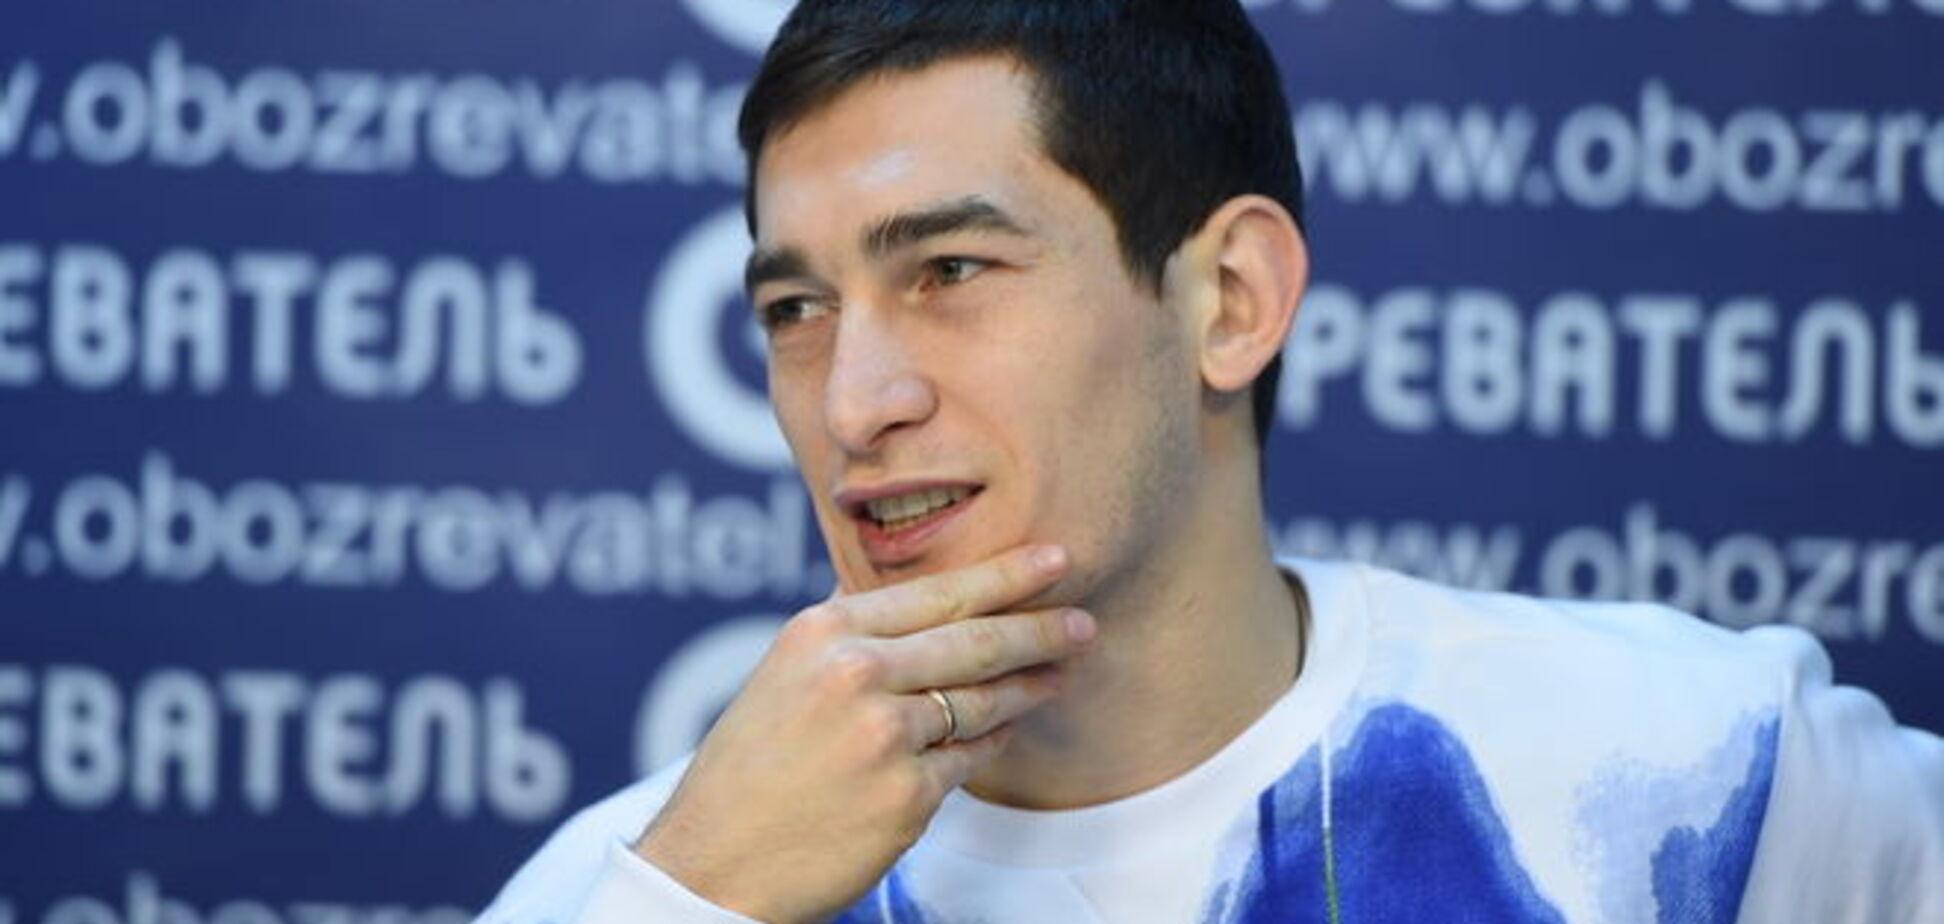 Степаненко детально разобрал причины поражения 'Днепра' в финале Лиги Европы